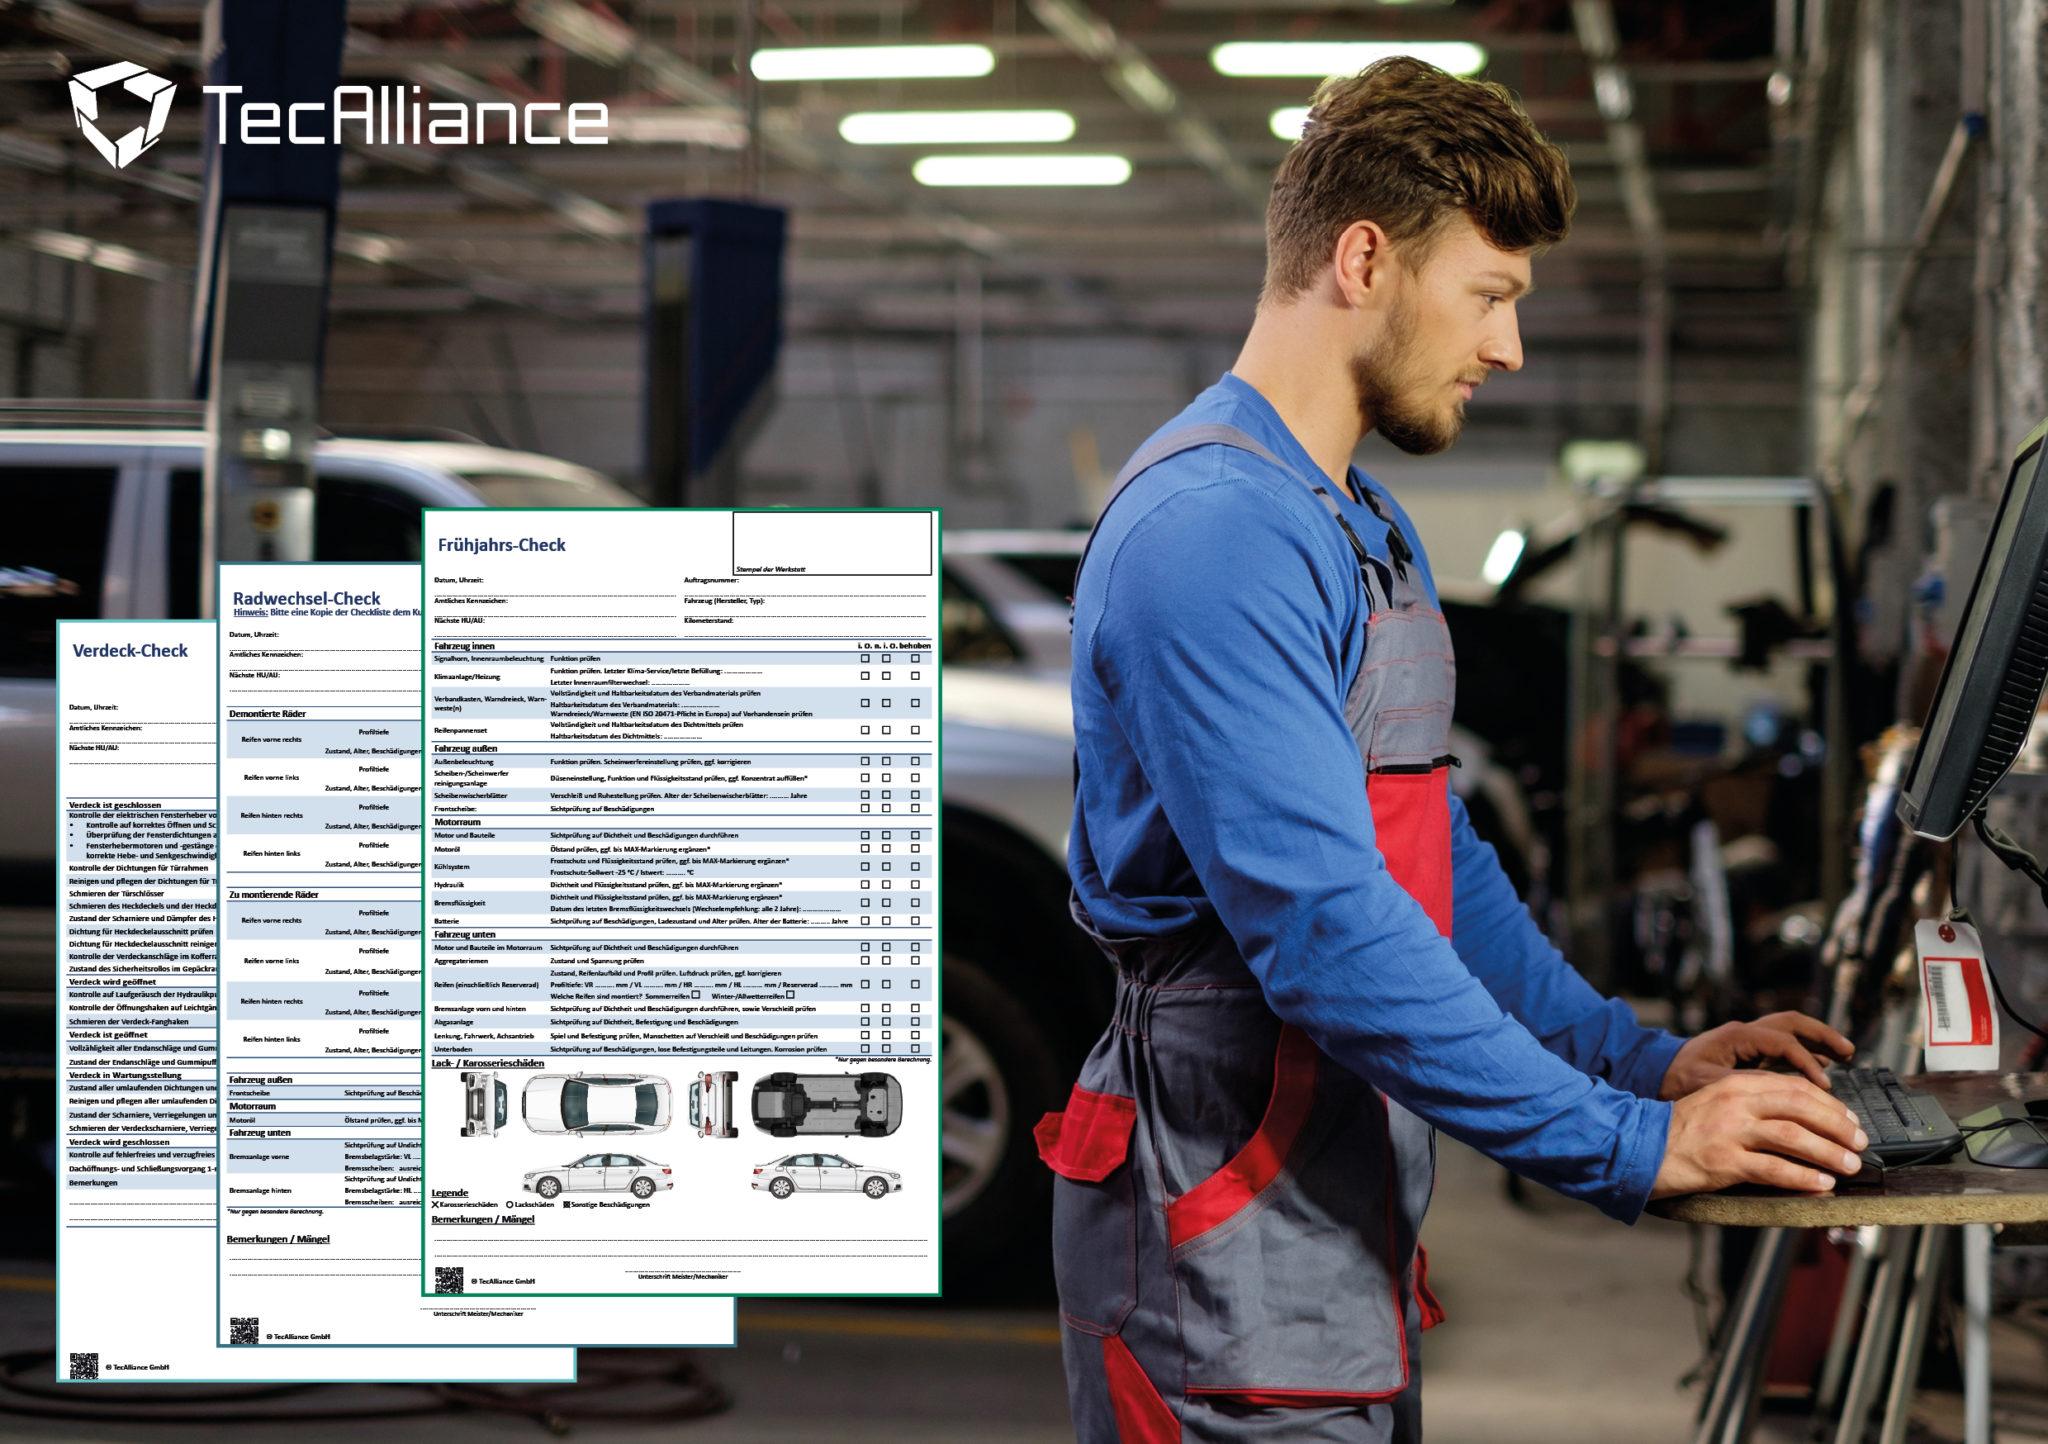 TecAlliance unterstützt Werkstätten bei Radwechsel und Frühjahrs-Check